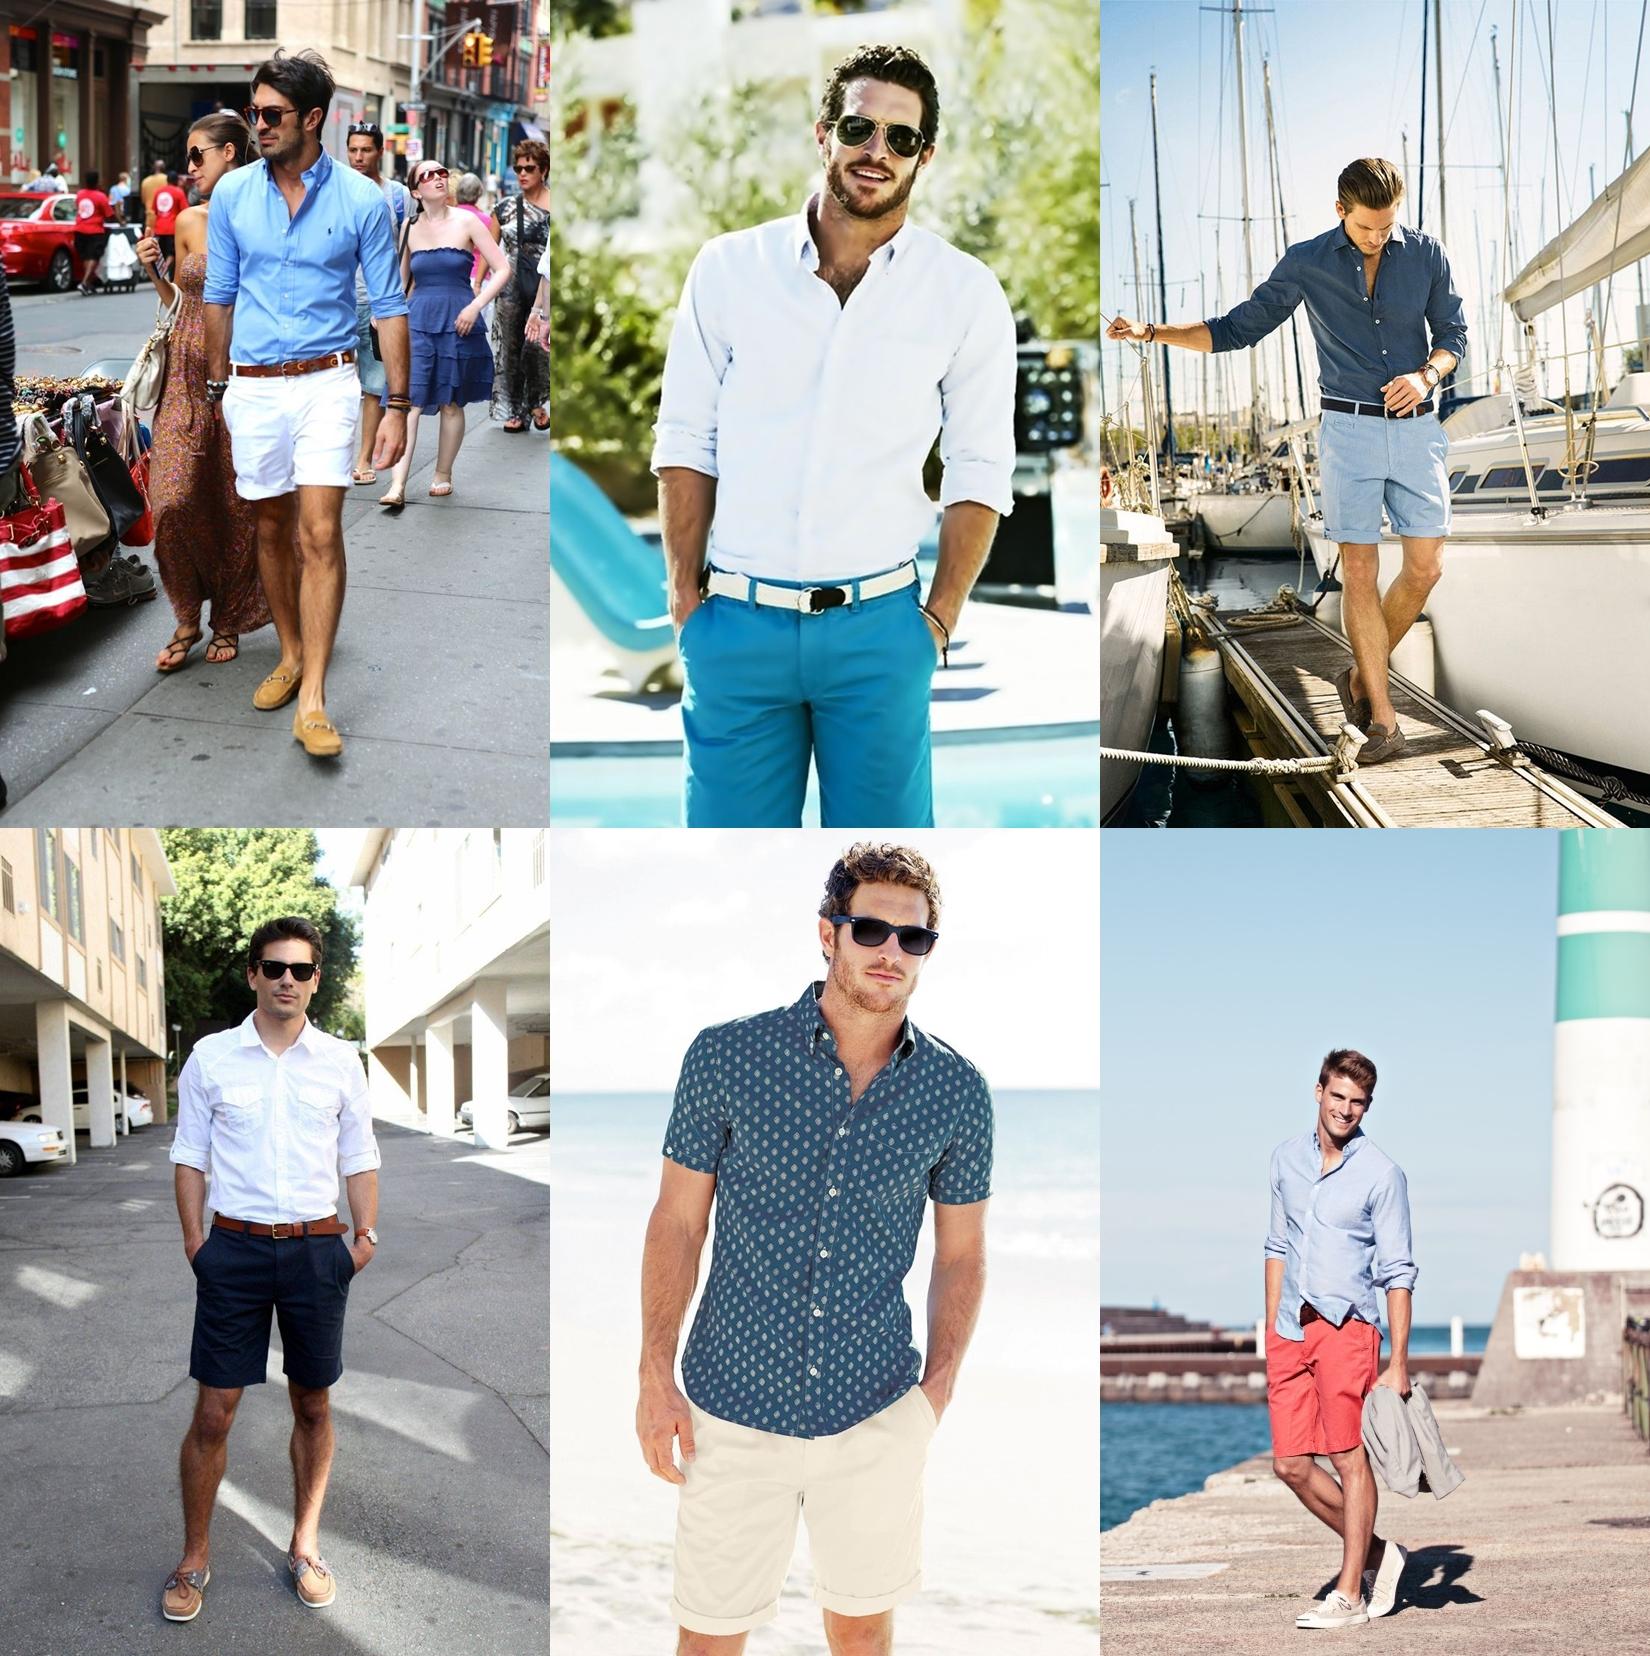 bermuda verão 2015, short verão 2015, bermuda com camisa, short com camisa, menswear, dicas de moda, roupas masculina, alex cursino, moda sem censura, fashion blogger, blog de moda masculina,